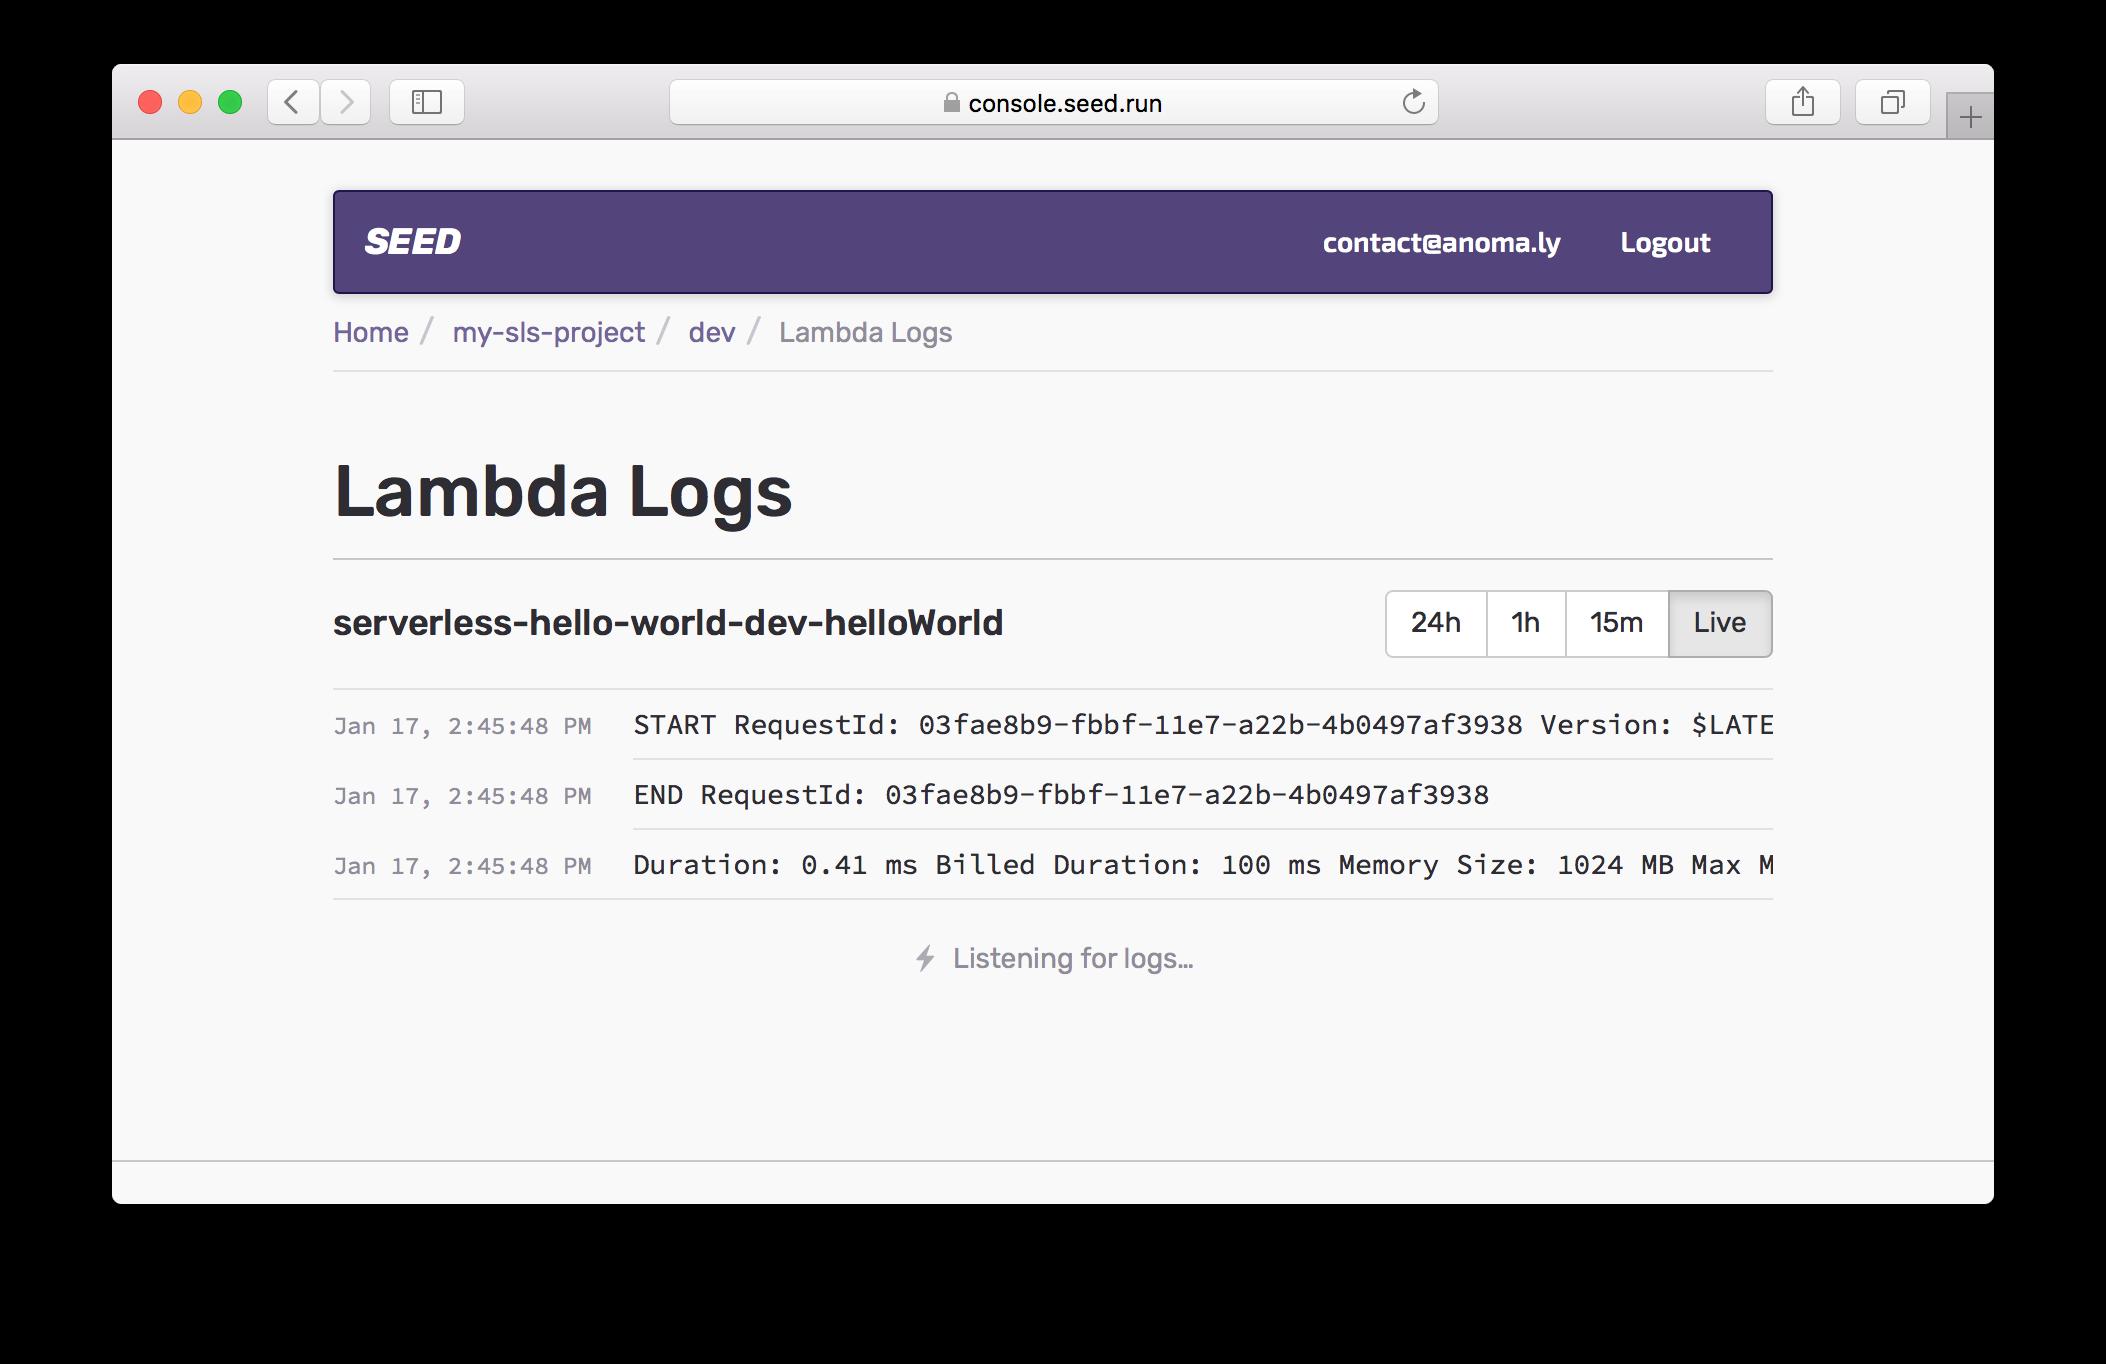 Lambda Logs Live